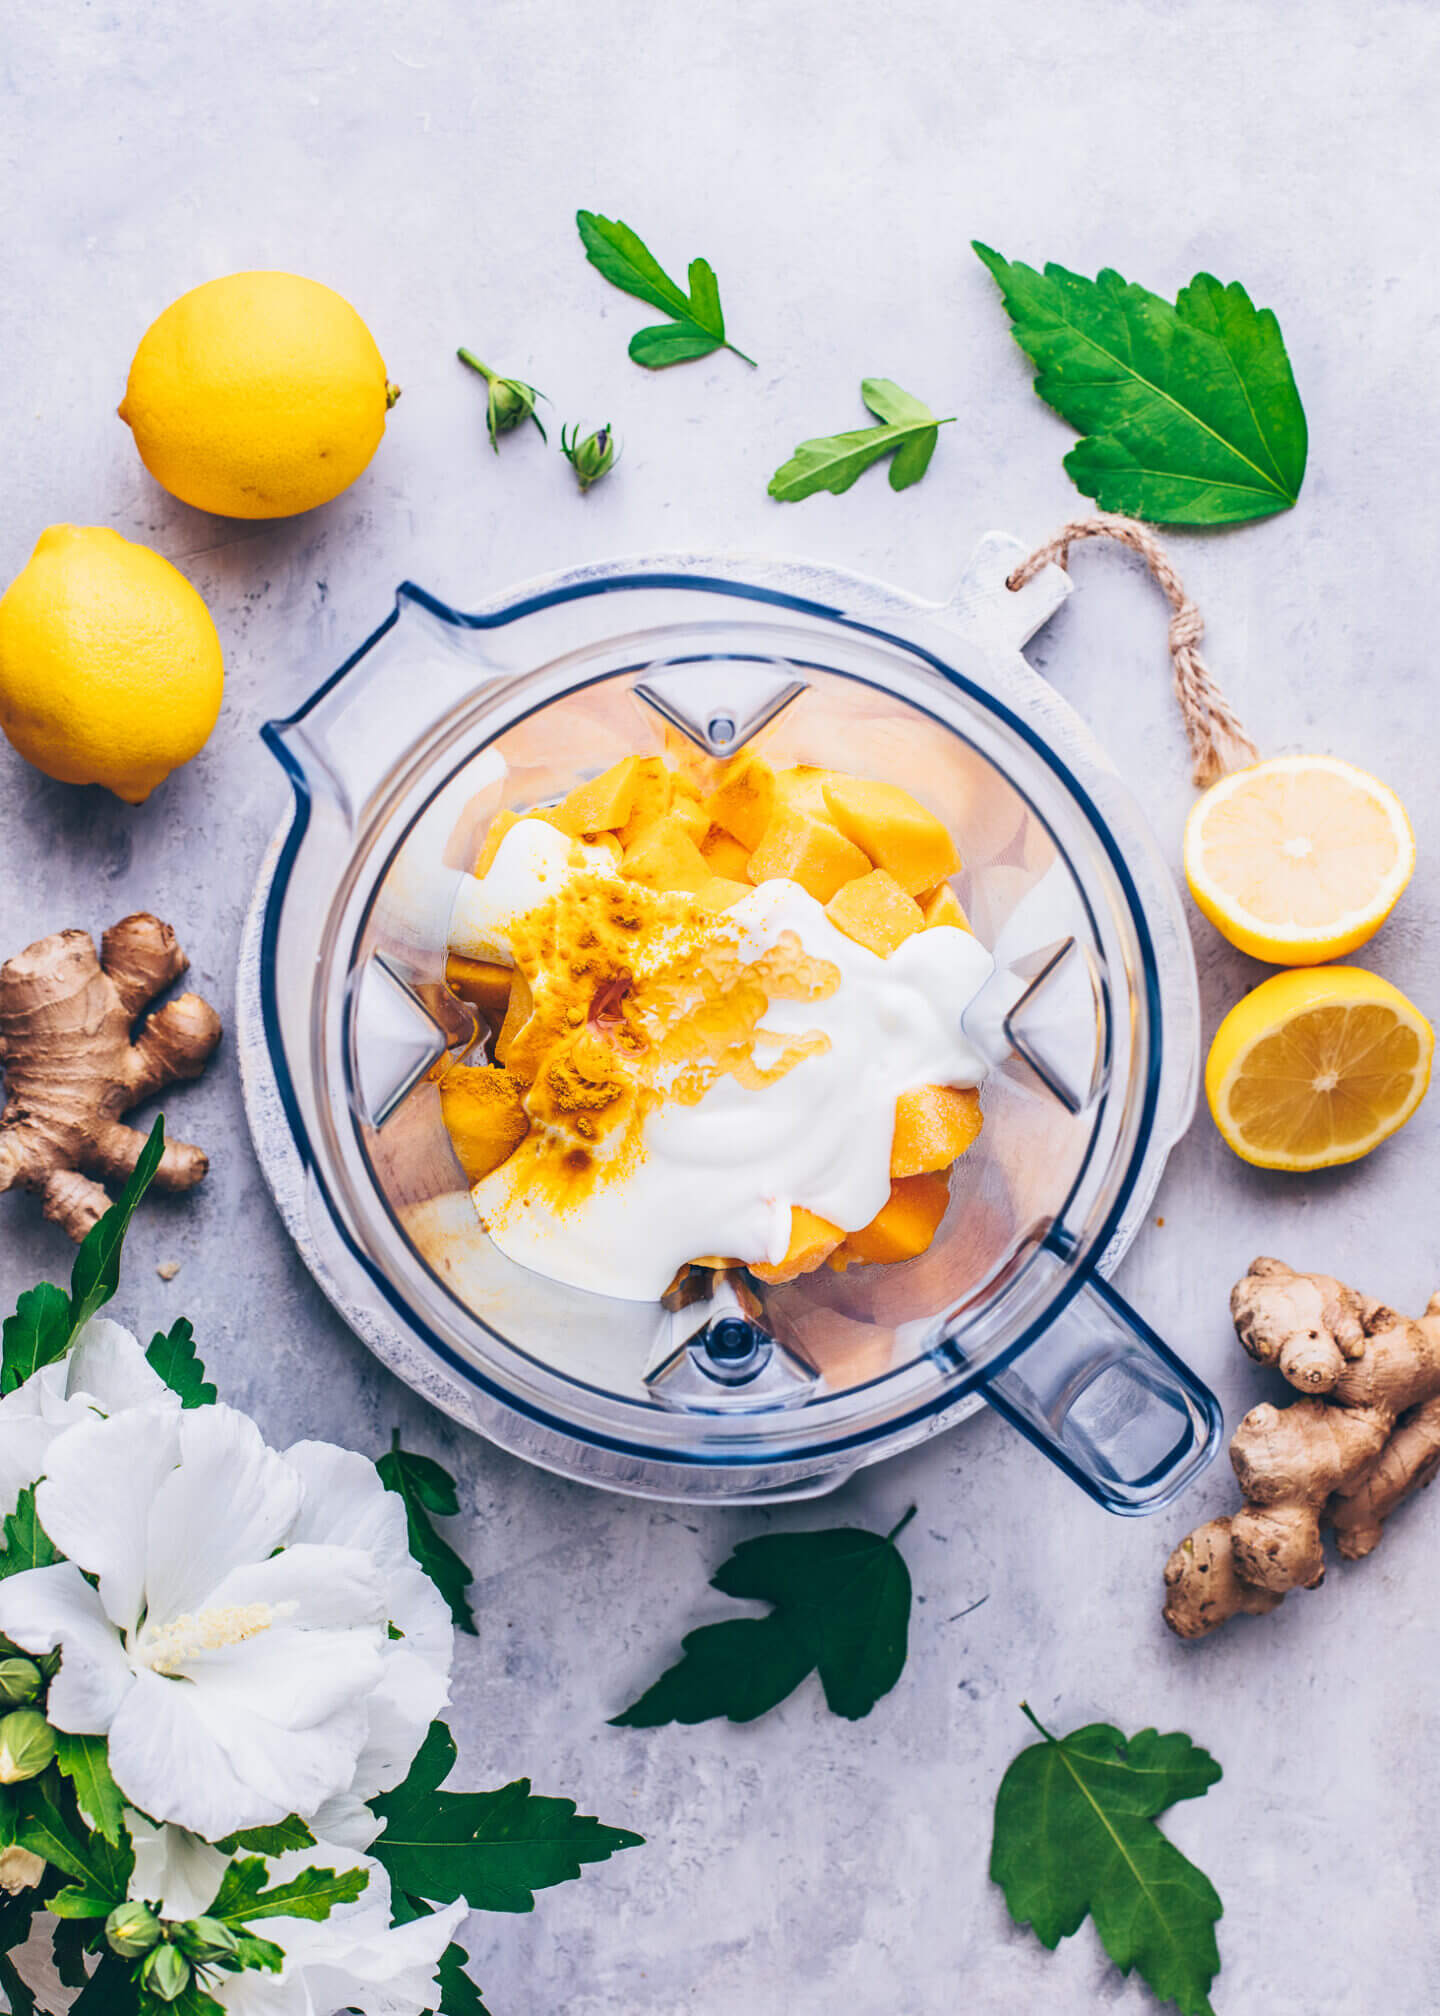 Mango, Joghurt, Sirup, Zitronensaft, Kurkuma, Ingwer in einem Mixer für Lassi